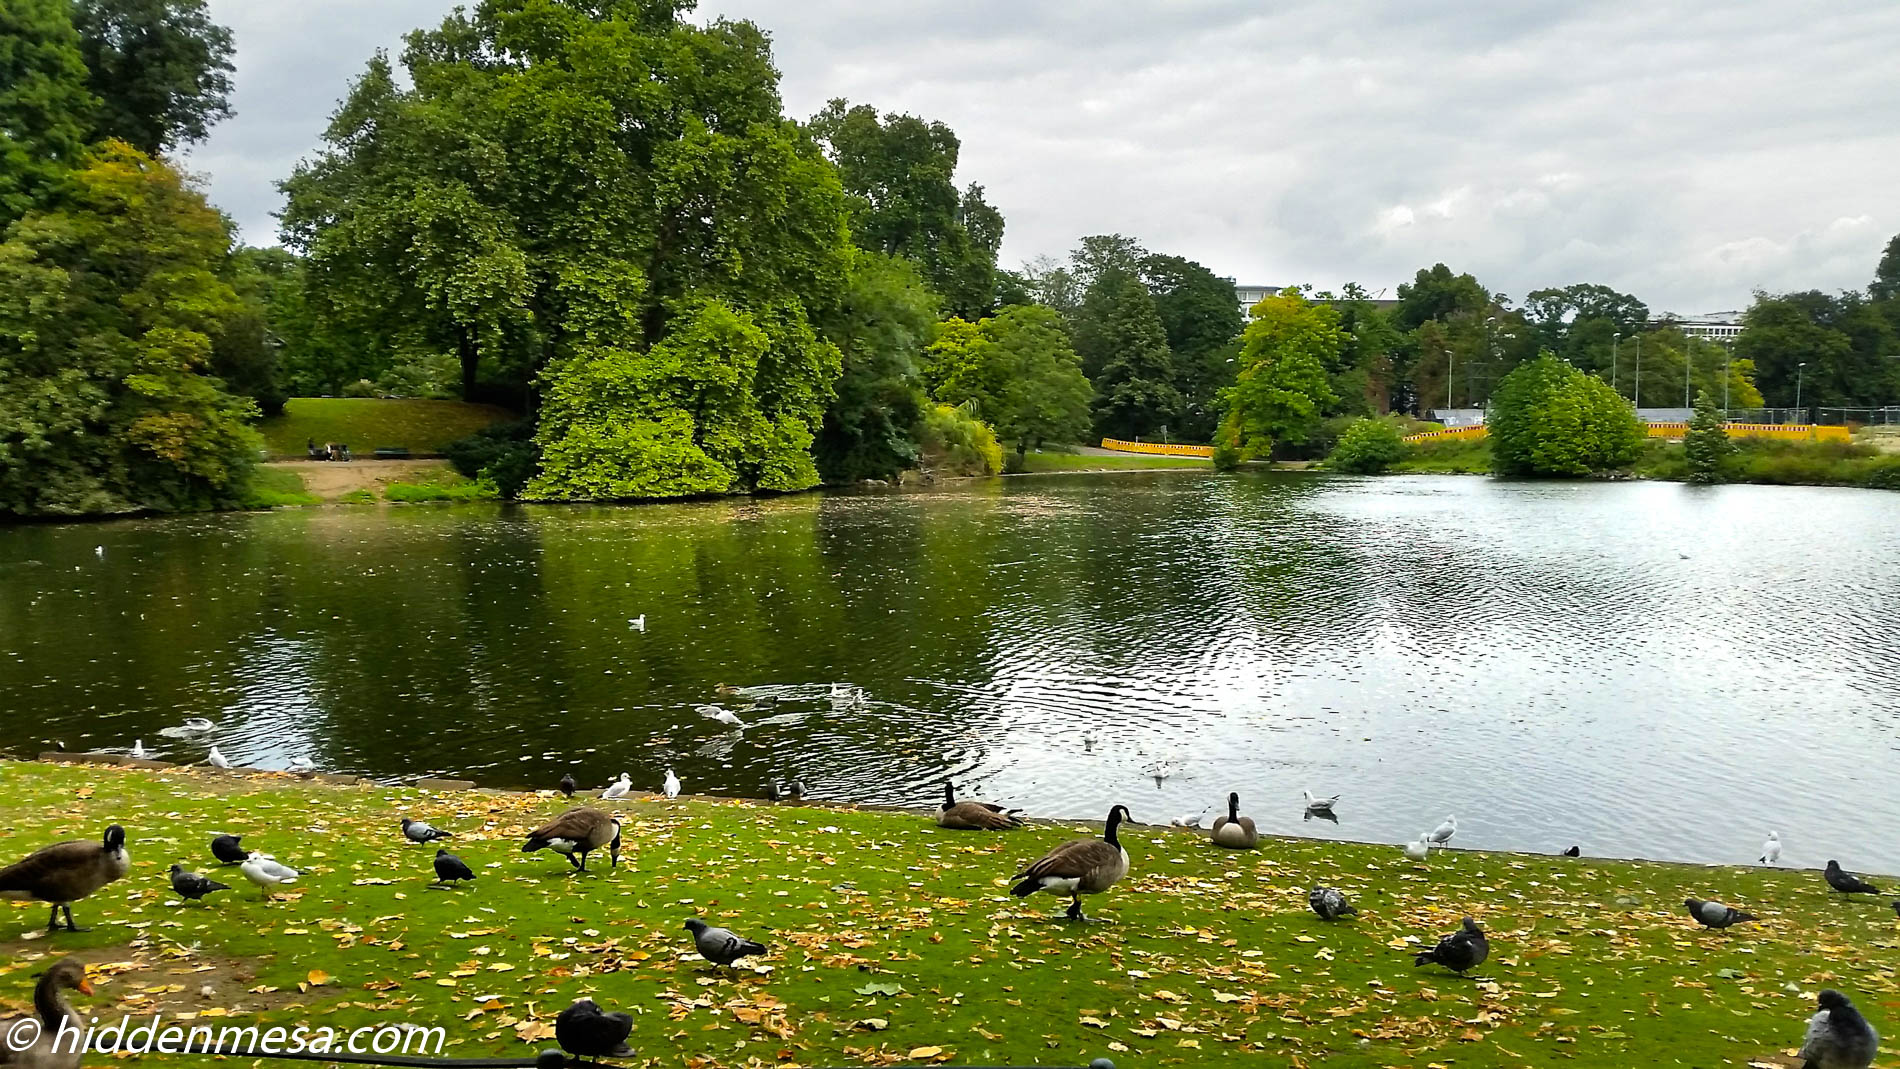 Geese in the Hofgarten